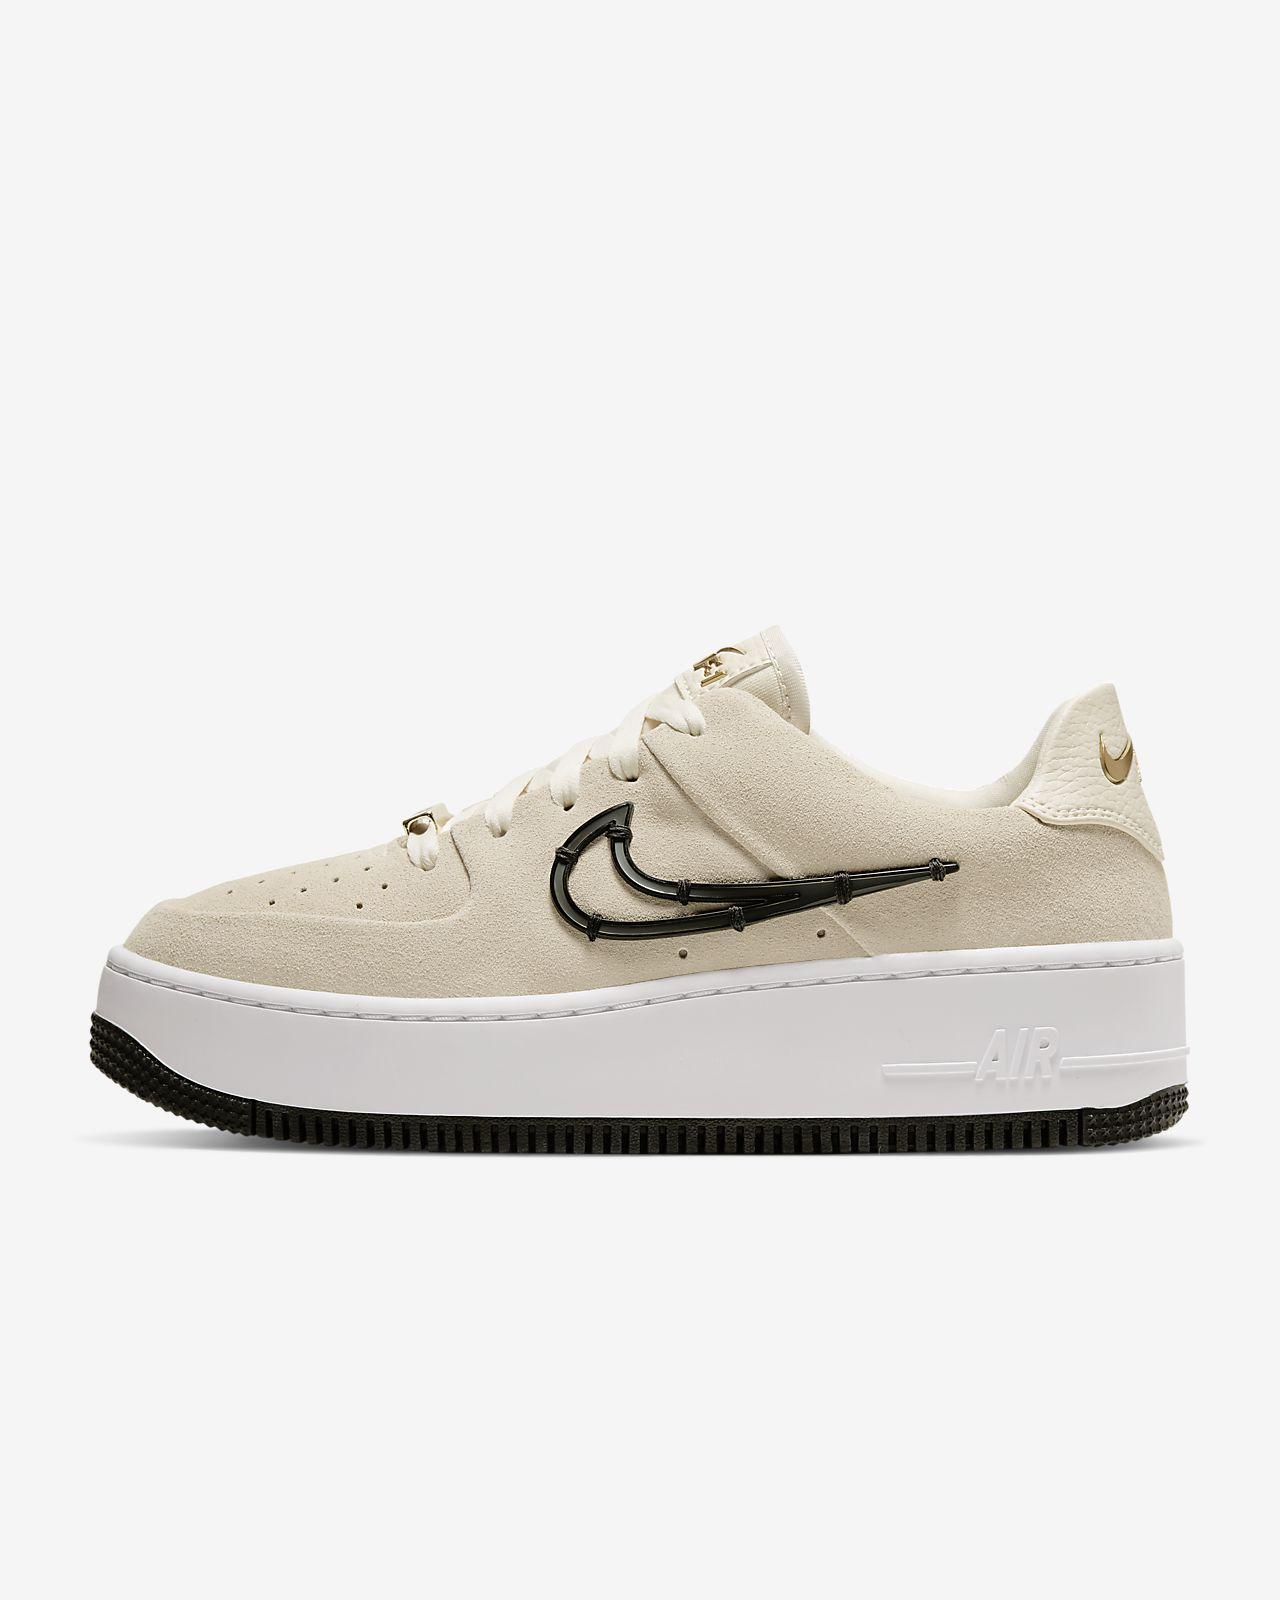 Nike Air Force 1 Sage Low LX sko til kvinder